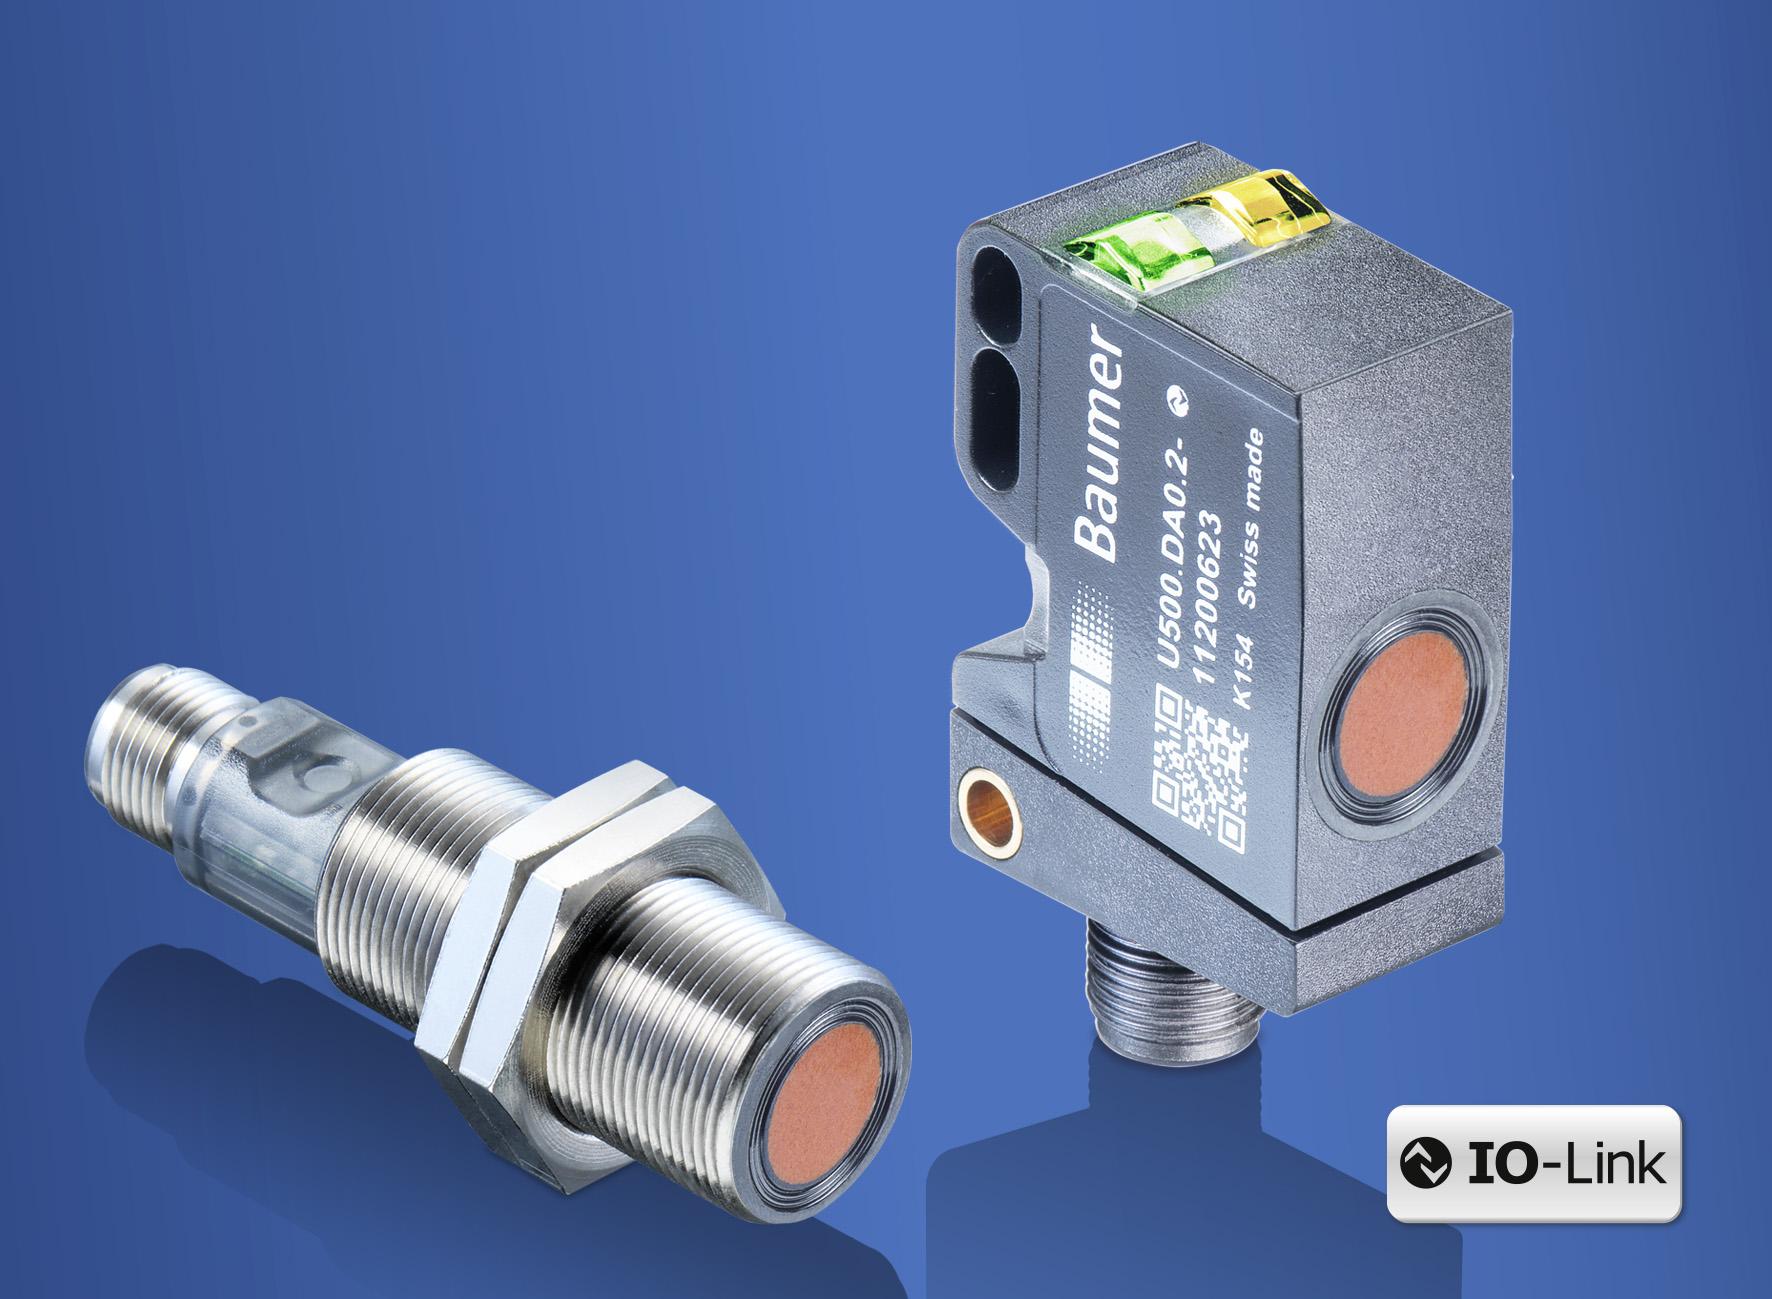 Baumer Ultrasonic Sensors